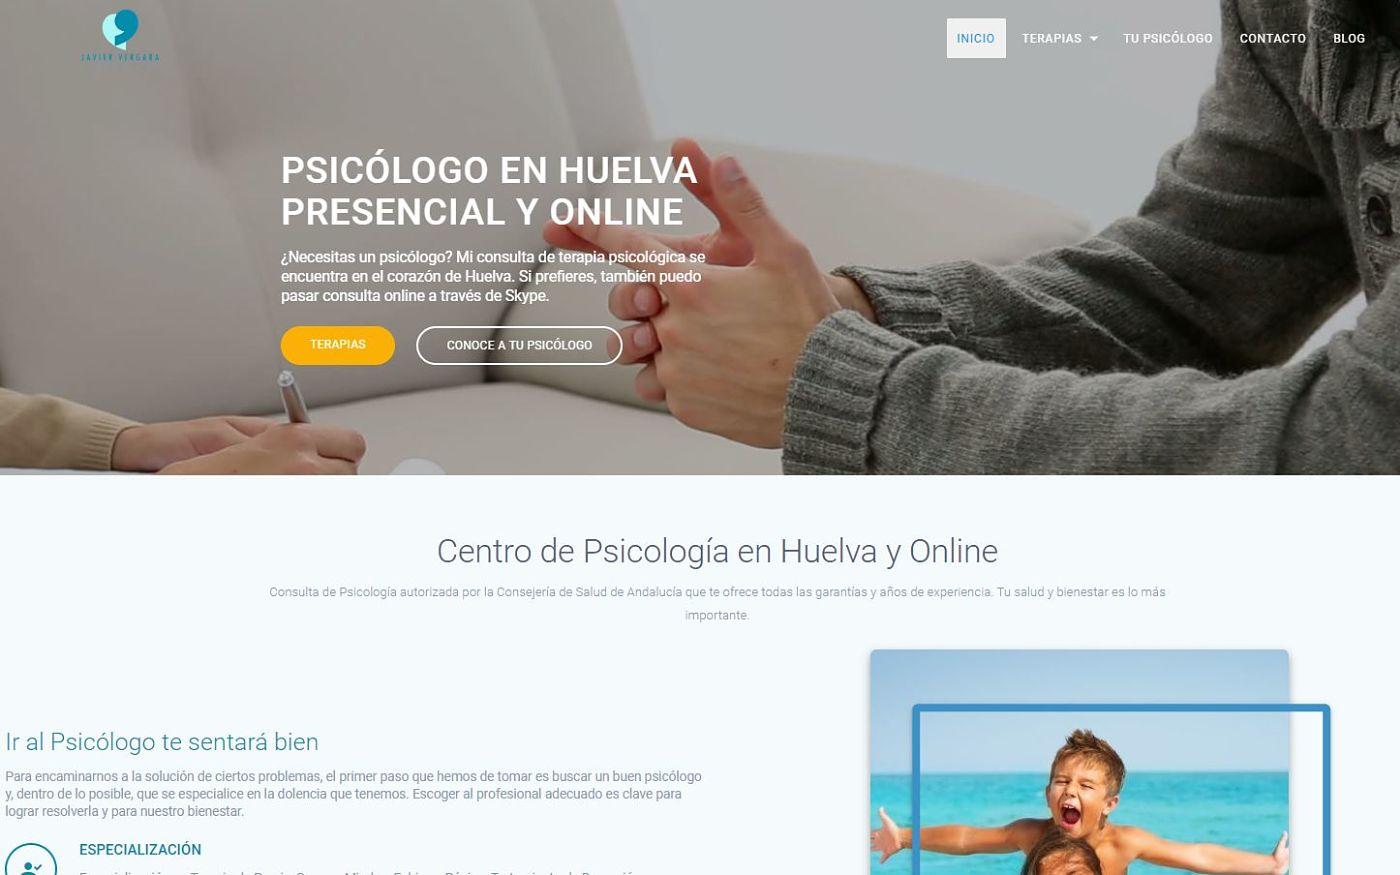 diseño web realizado javier-vergara psicólogo y terapeuta